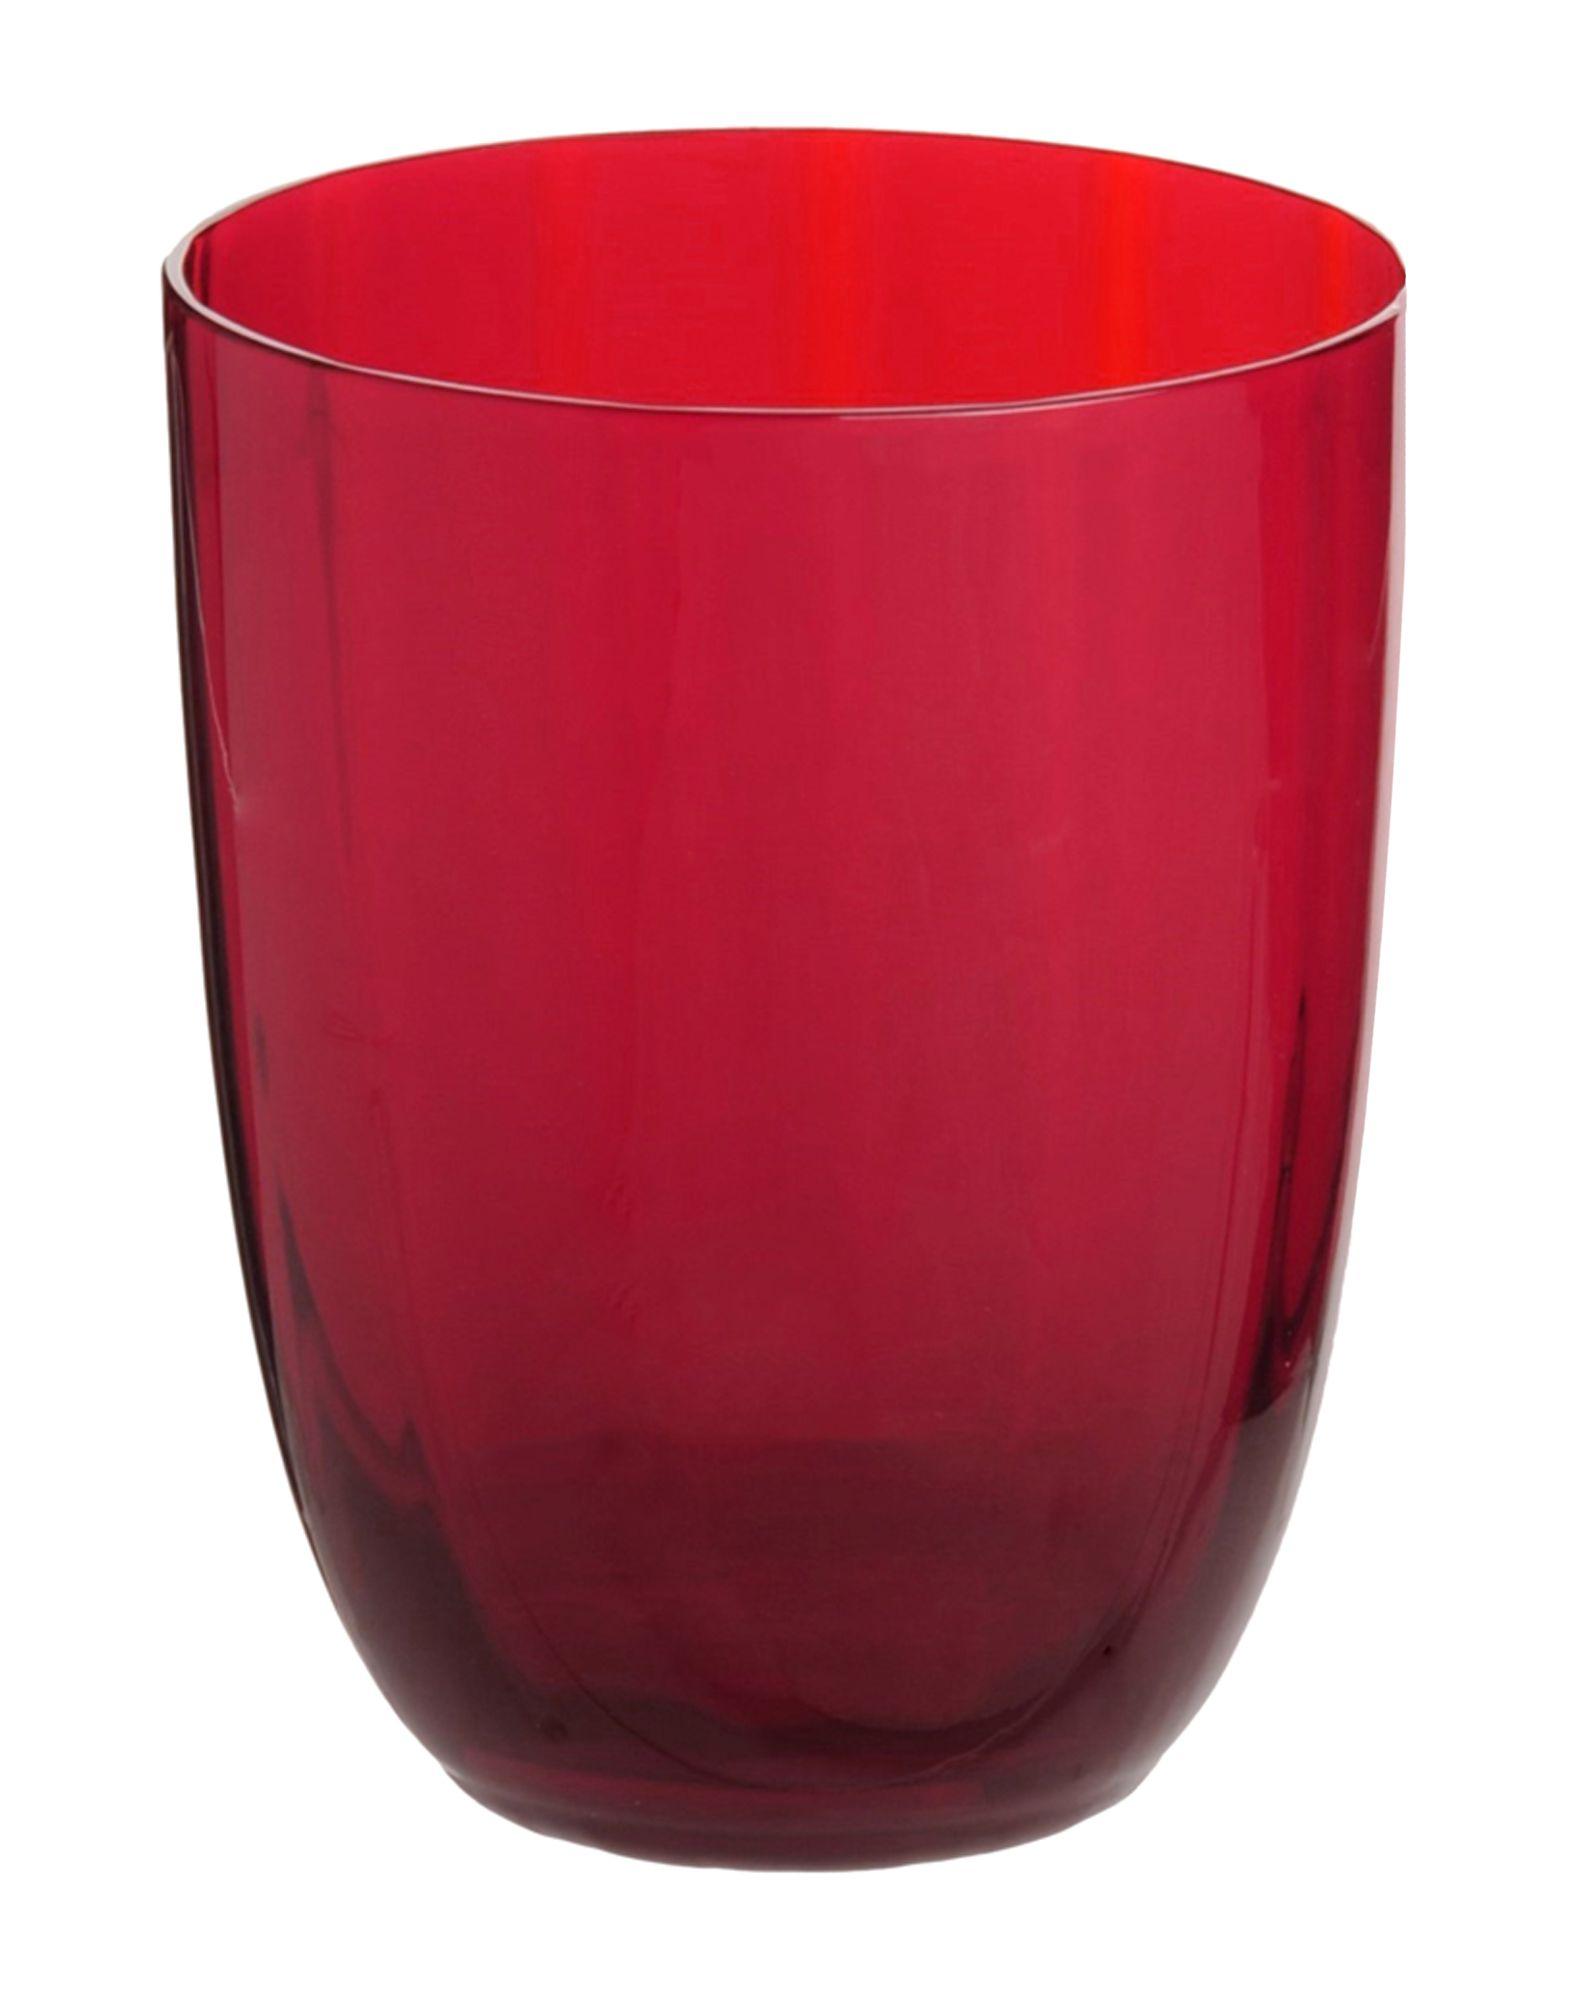 NASONMORETTI Стакан стакан bemeta retro 144110027